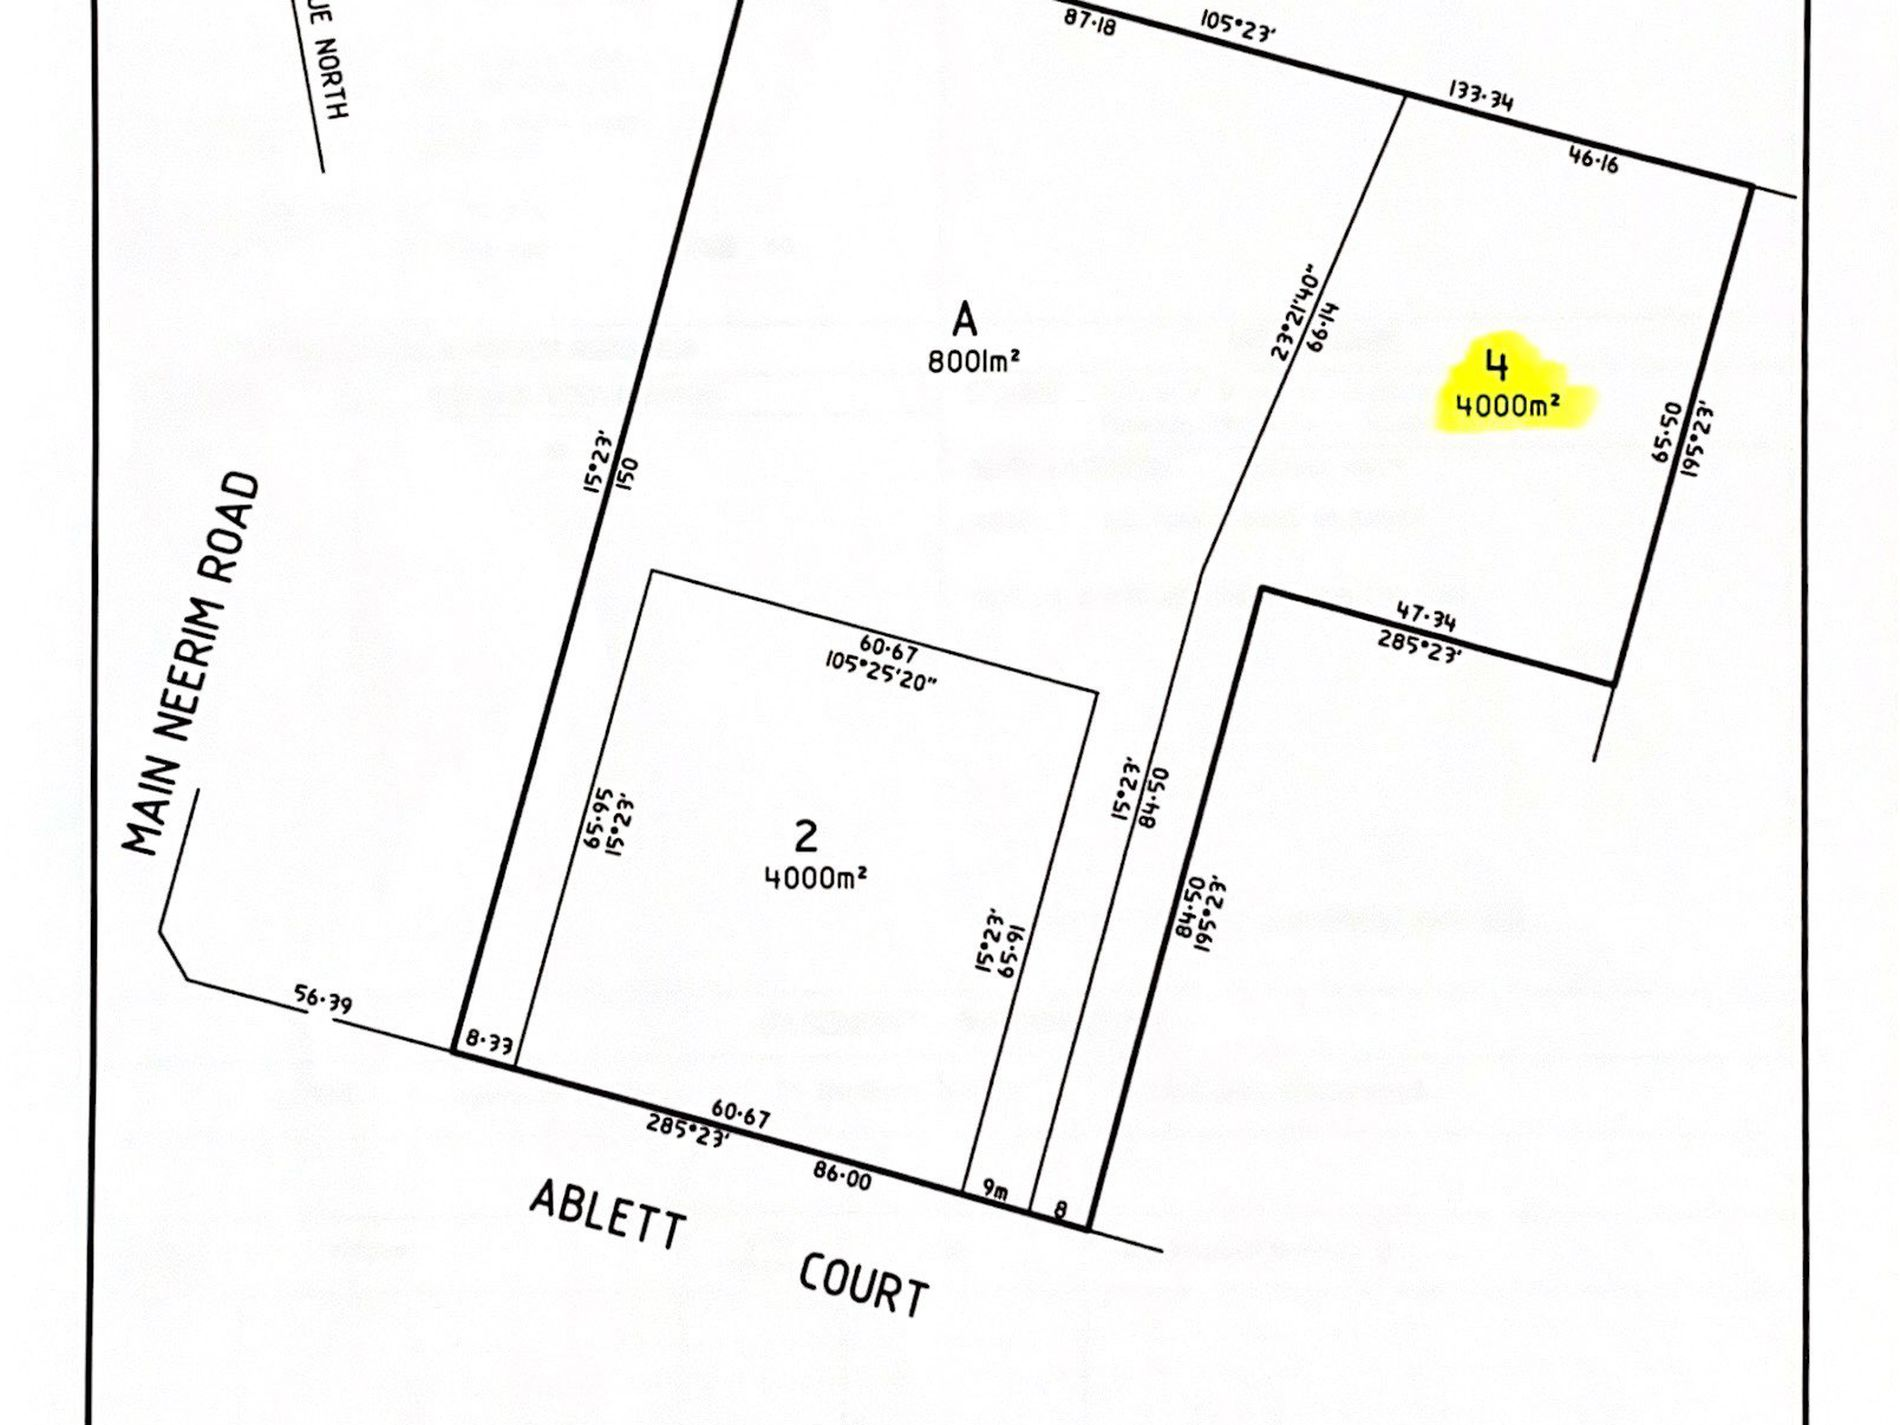 Lot 4, 3a Ablett Court, Drouin